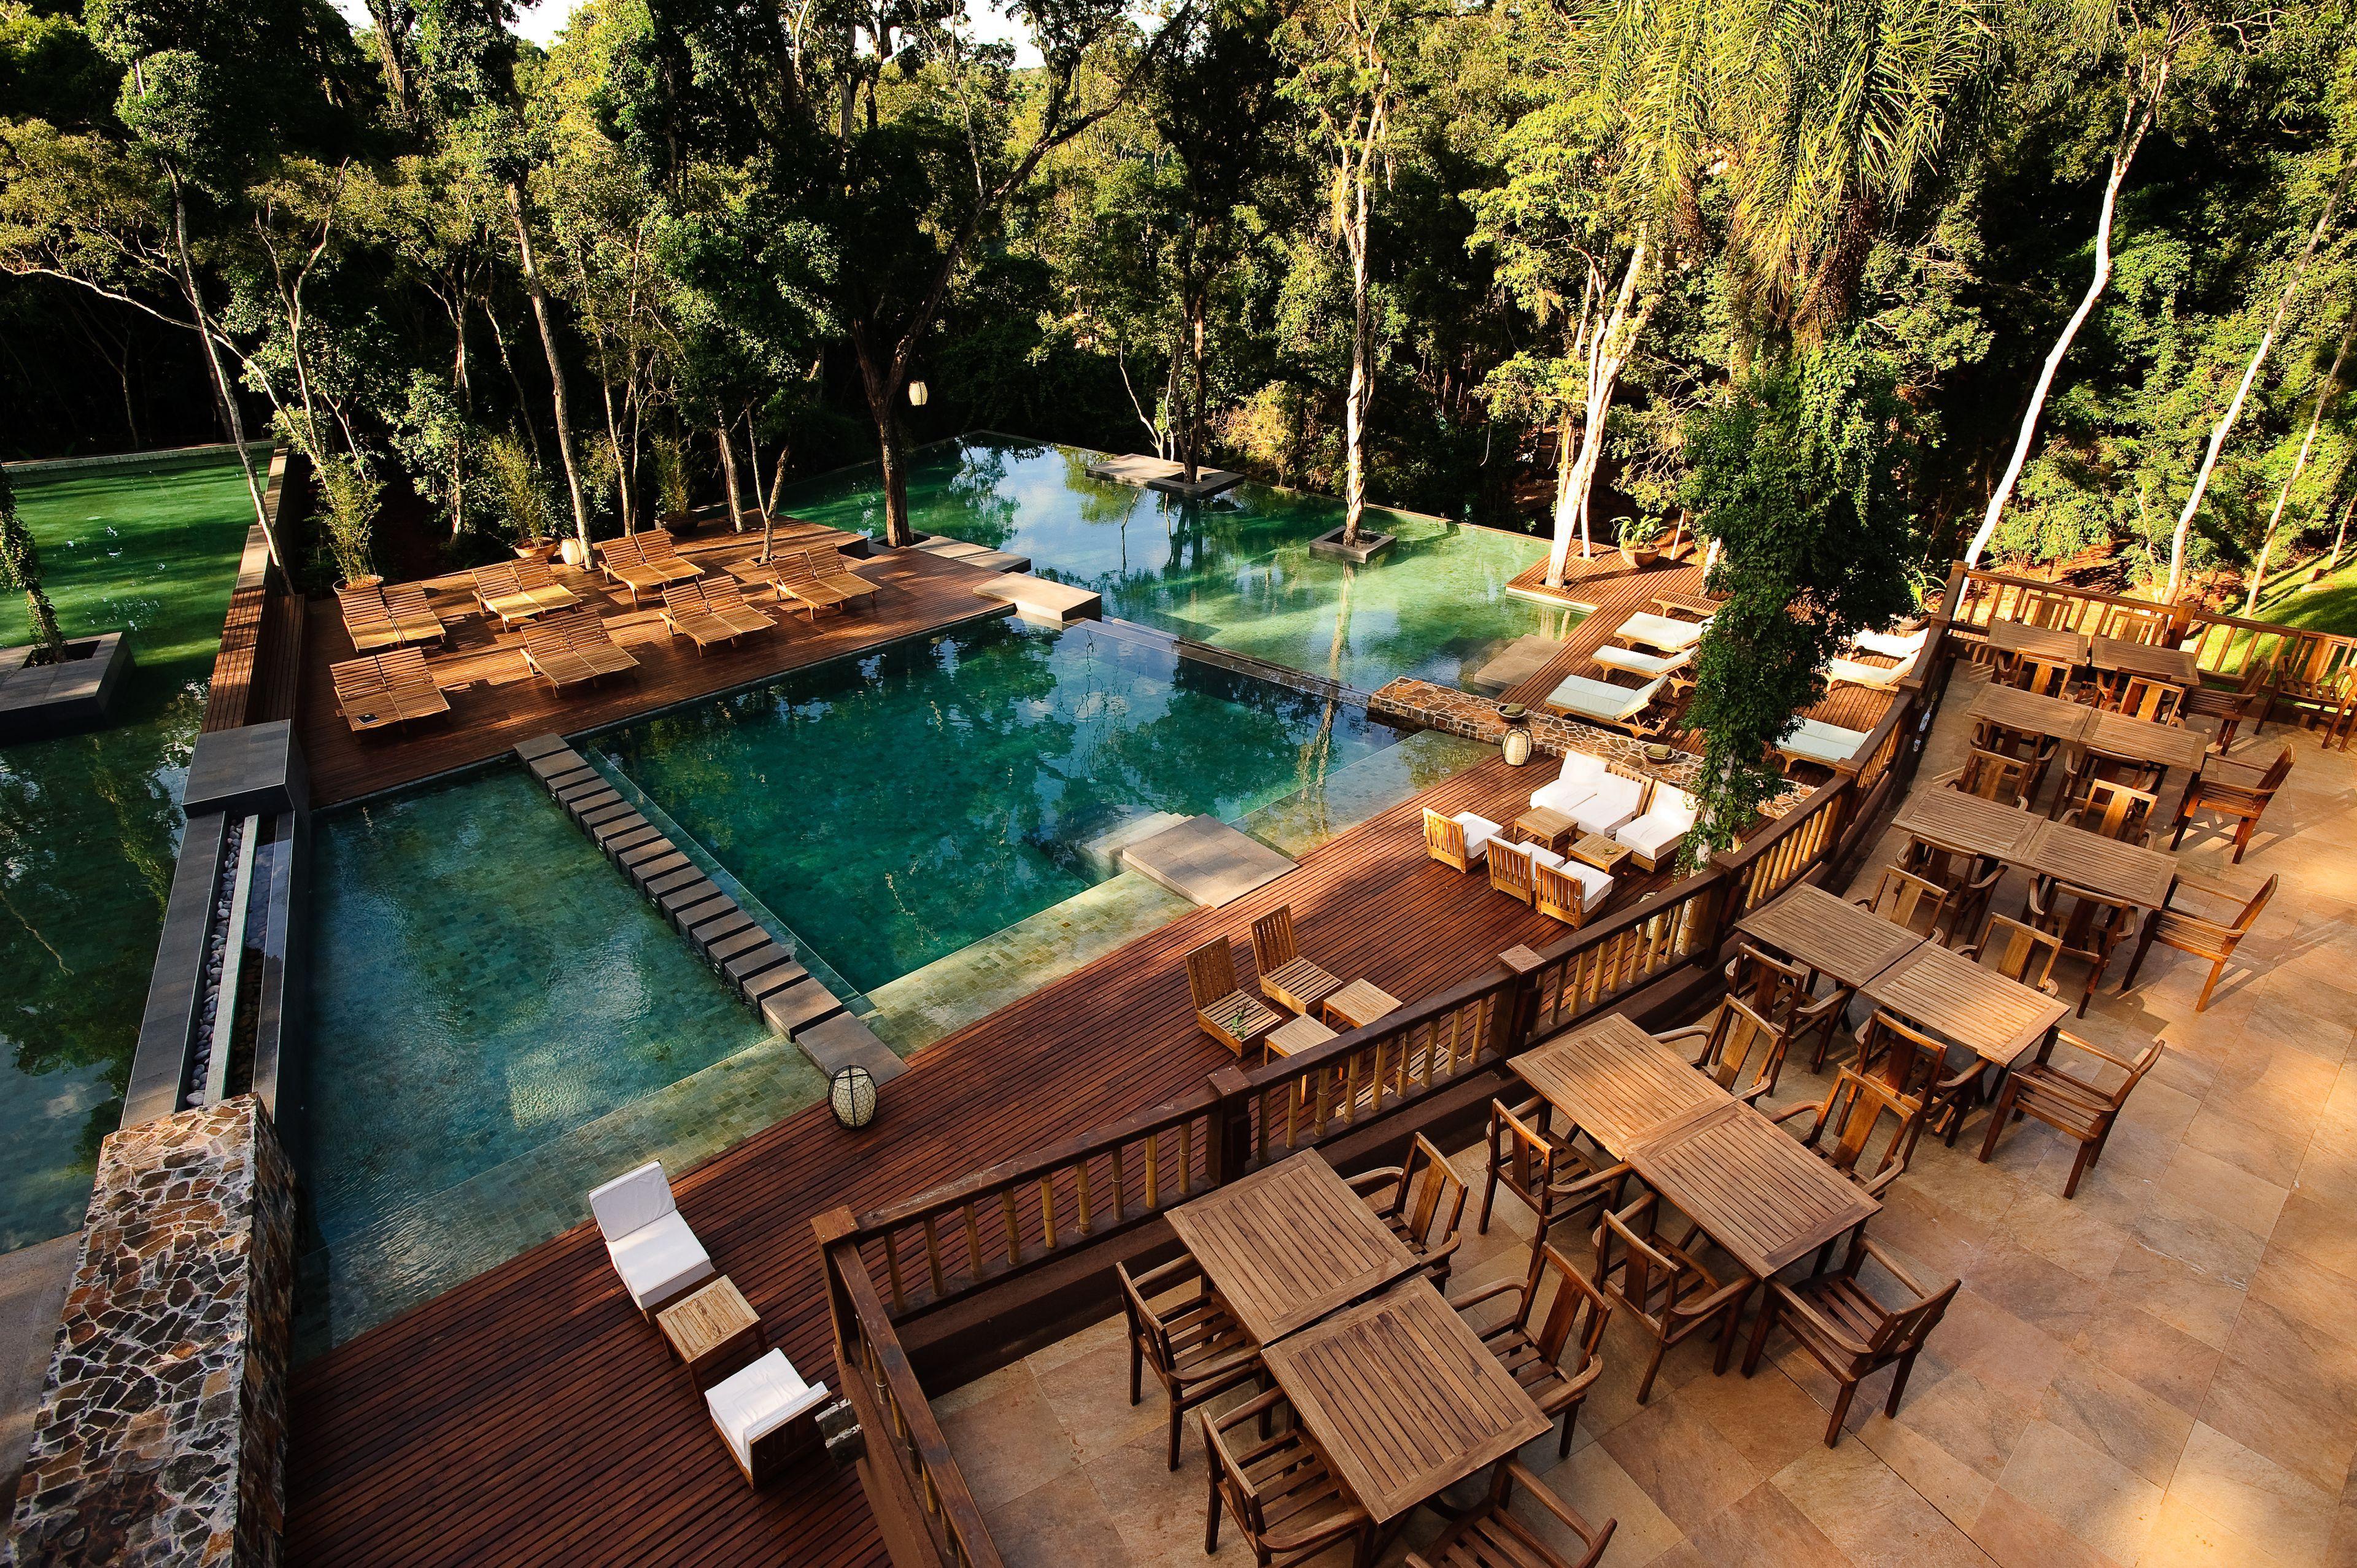 Courtesy of Loi Suites Iguazú Hotel / Expedia